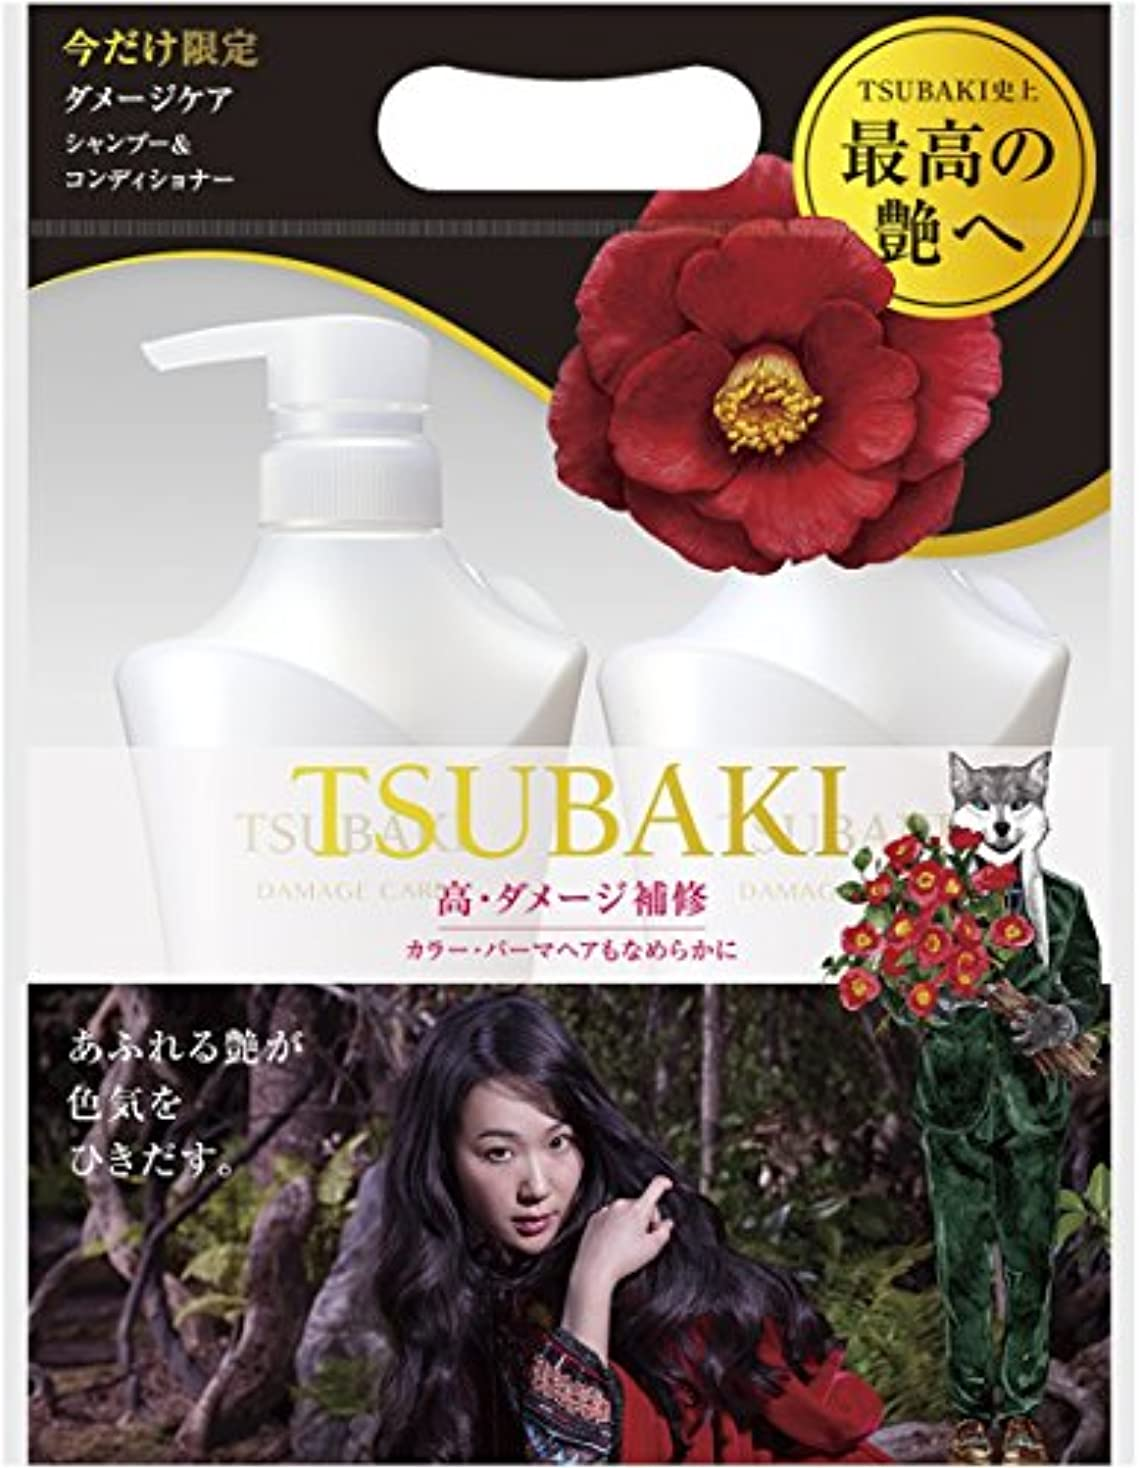 程度殉教者カート【本体セット】TSUBAKI ダメージケア シャンプー&コンディショナージャンボペアセット